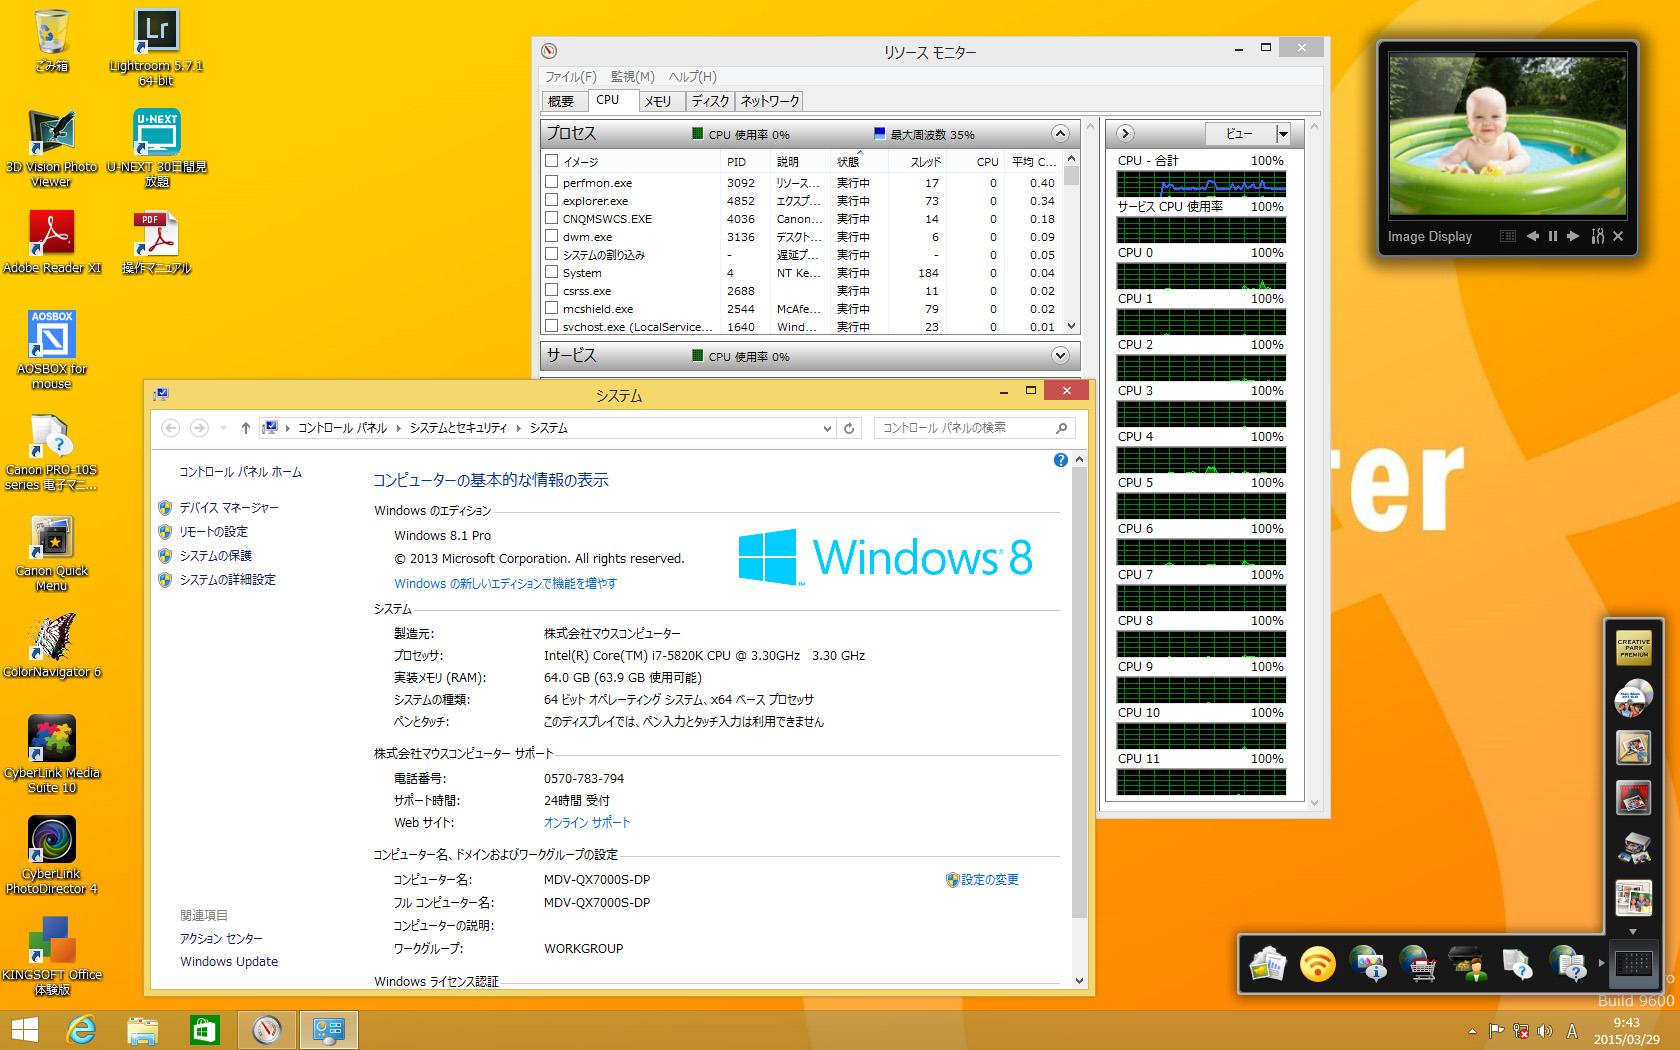 起動時のデスクトップ。ディスプレイやプリンタなど、関連ドライバやツールがインストール済みの状態